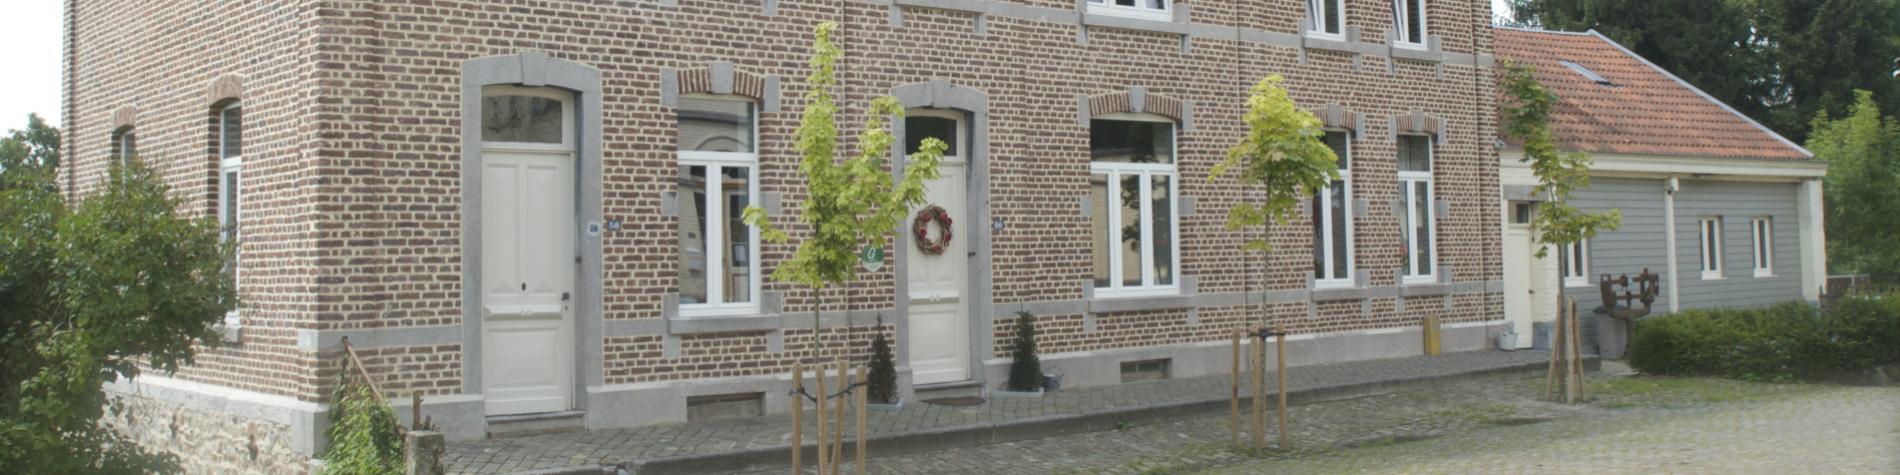 Gîte rural l'Ancien Hôtel à l'ancienne gare d'Hombourg